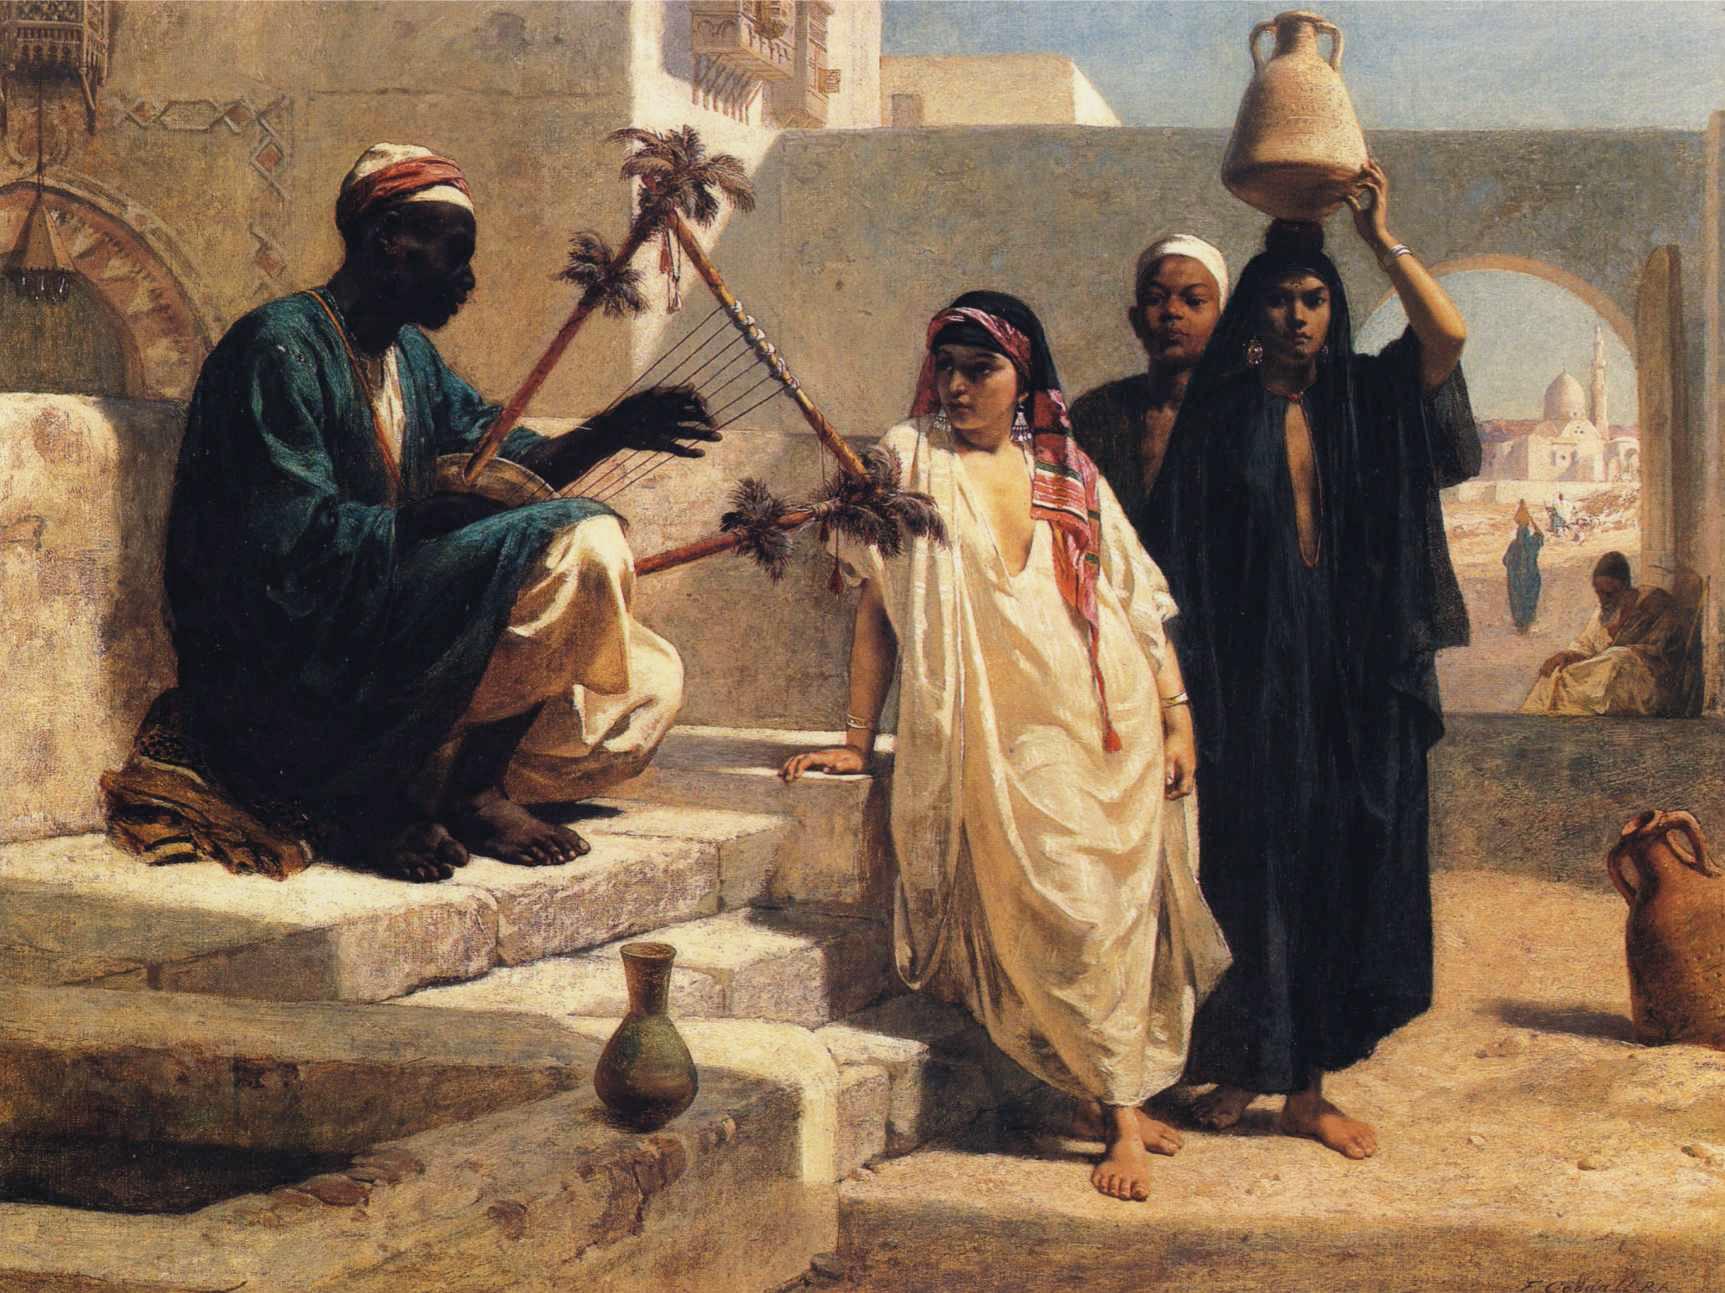 Nubian dating